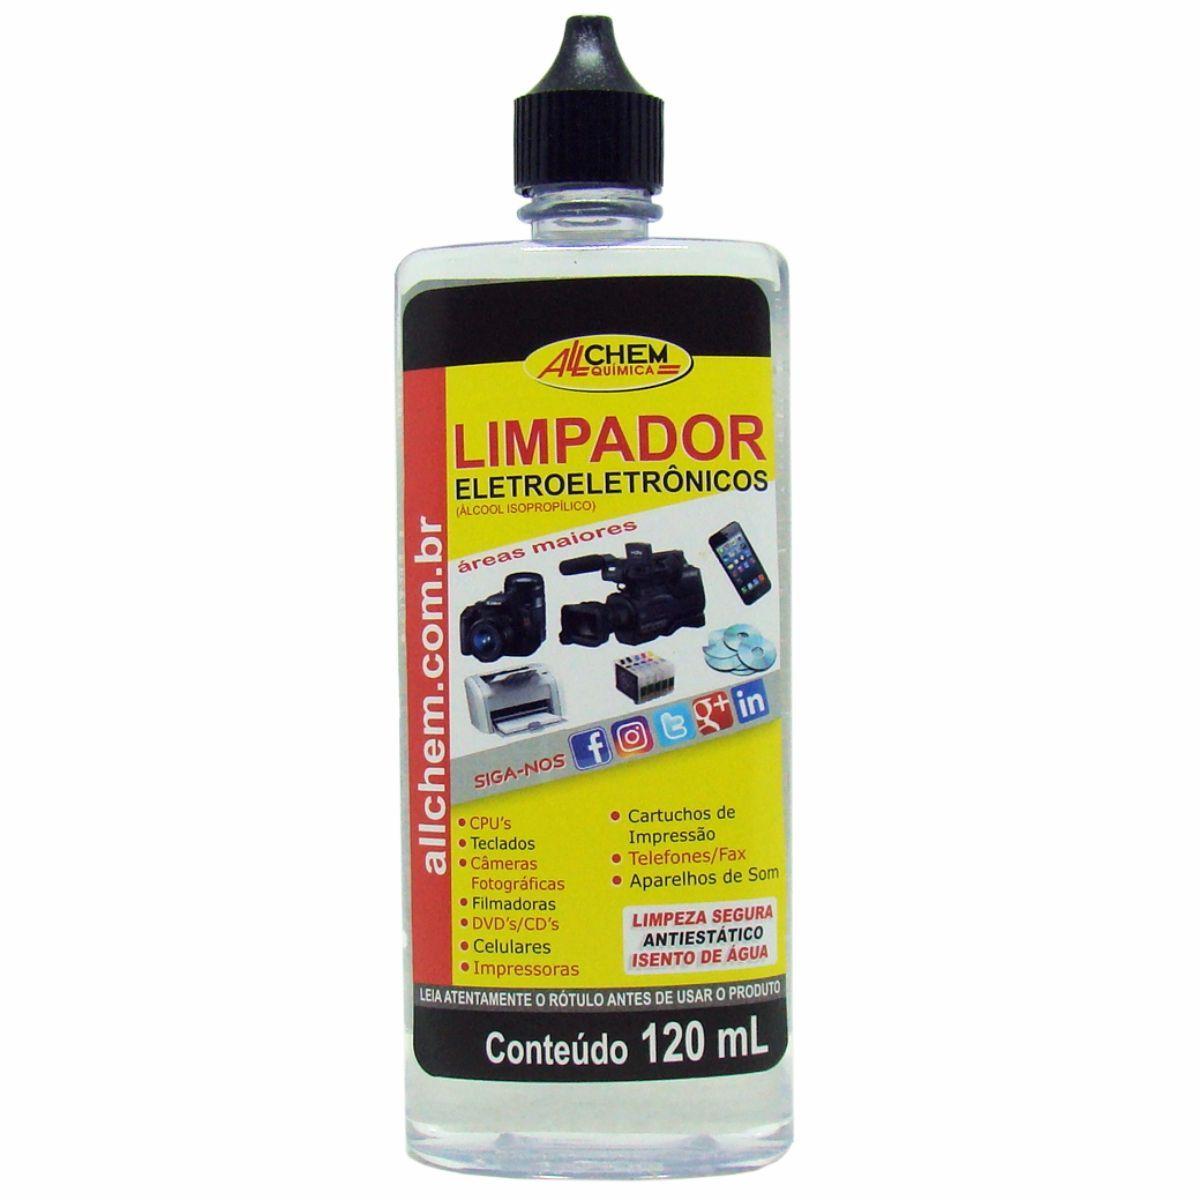 limpador-eletroeletronicos-allchem